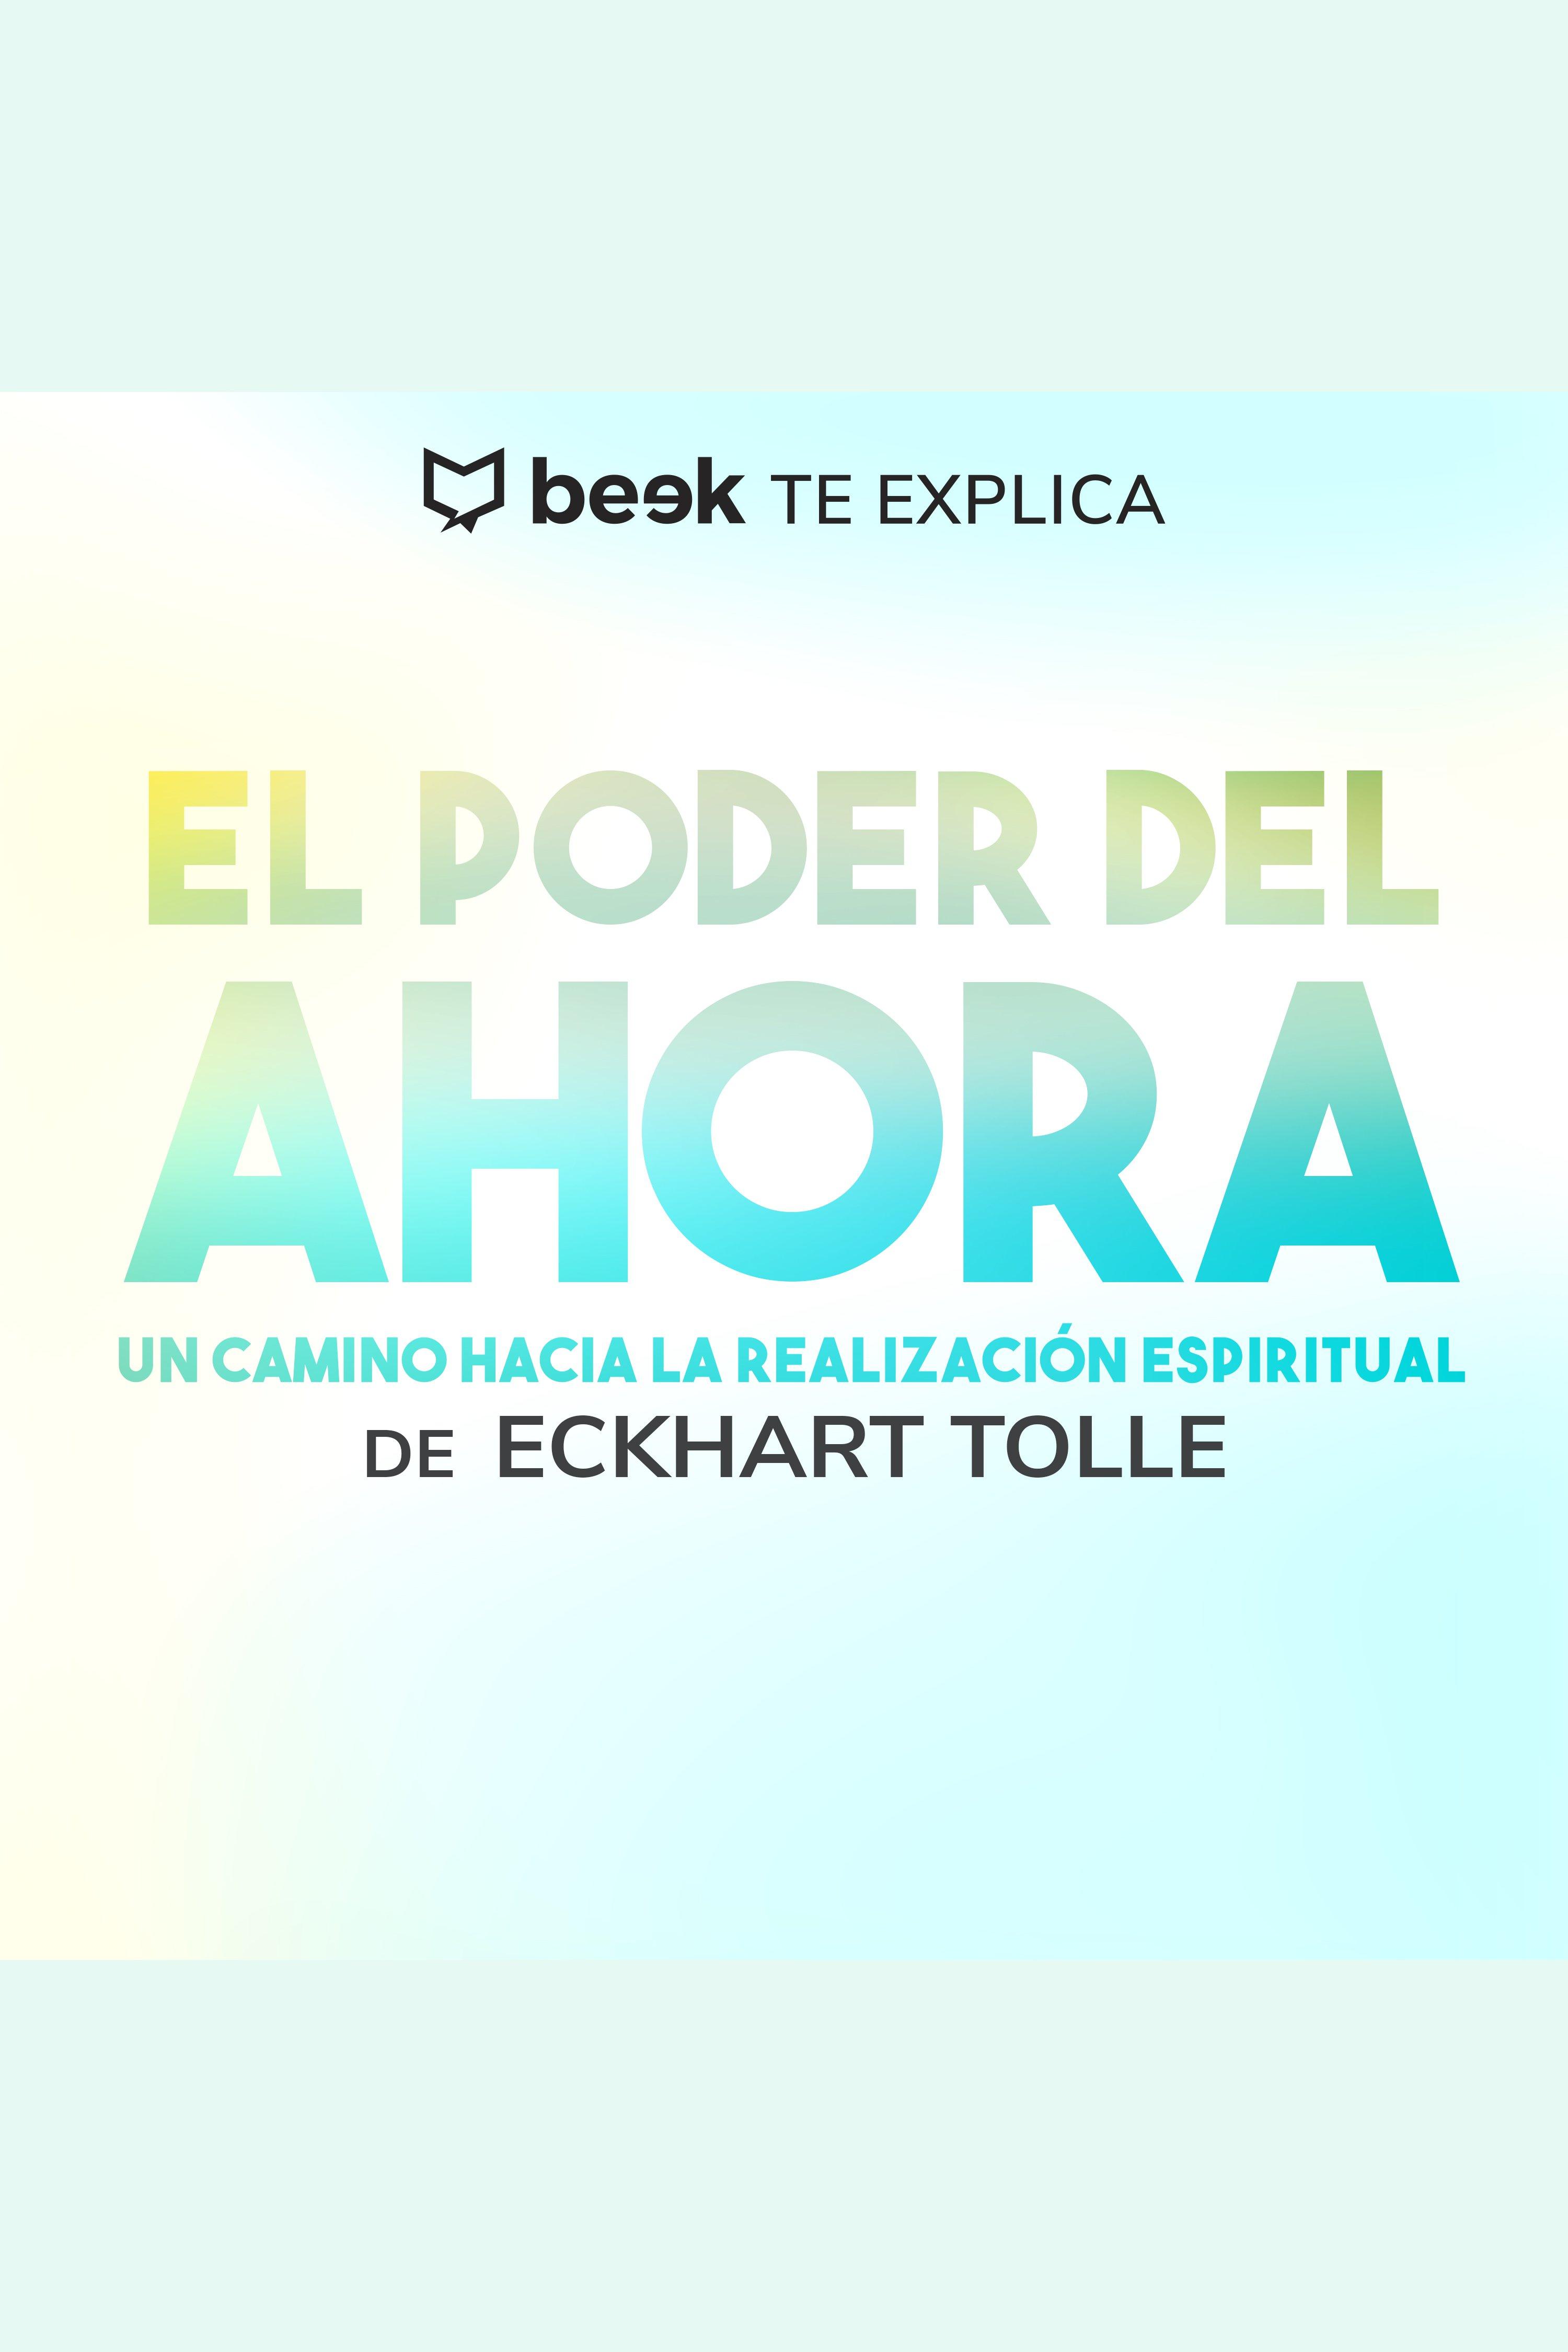 Esta es la portada del audiolibro El poder del ahora… Beek te explica